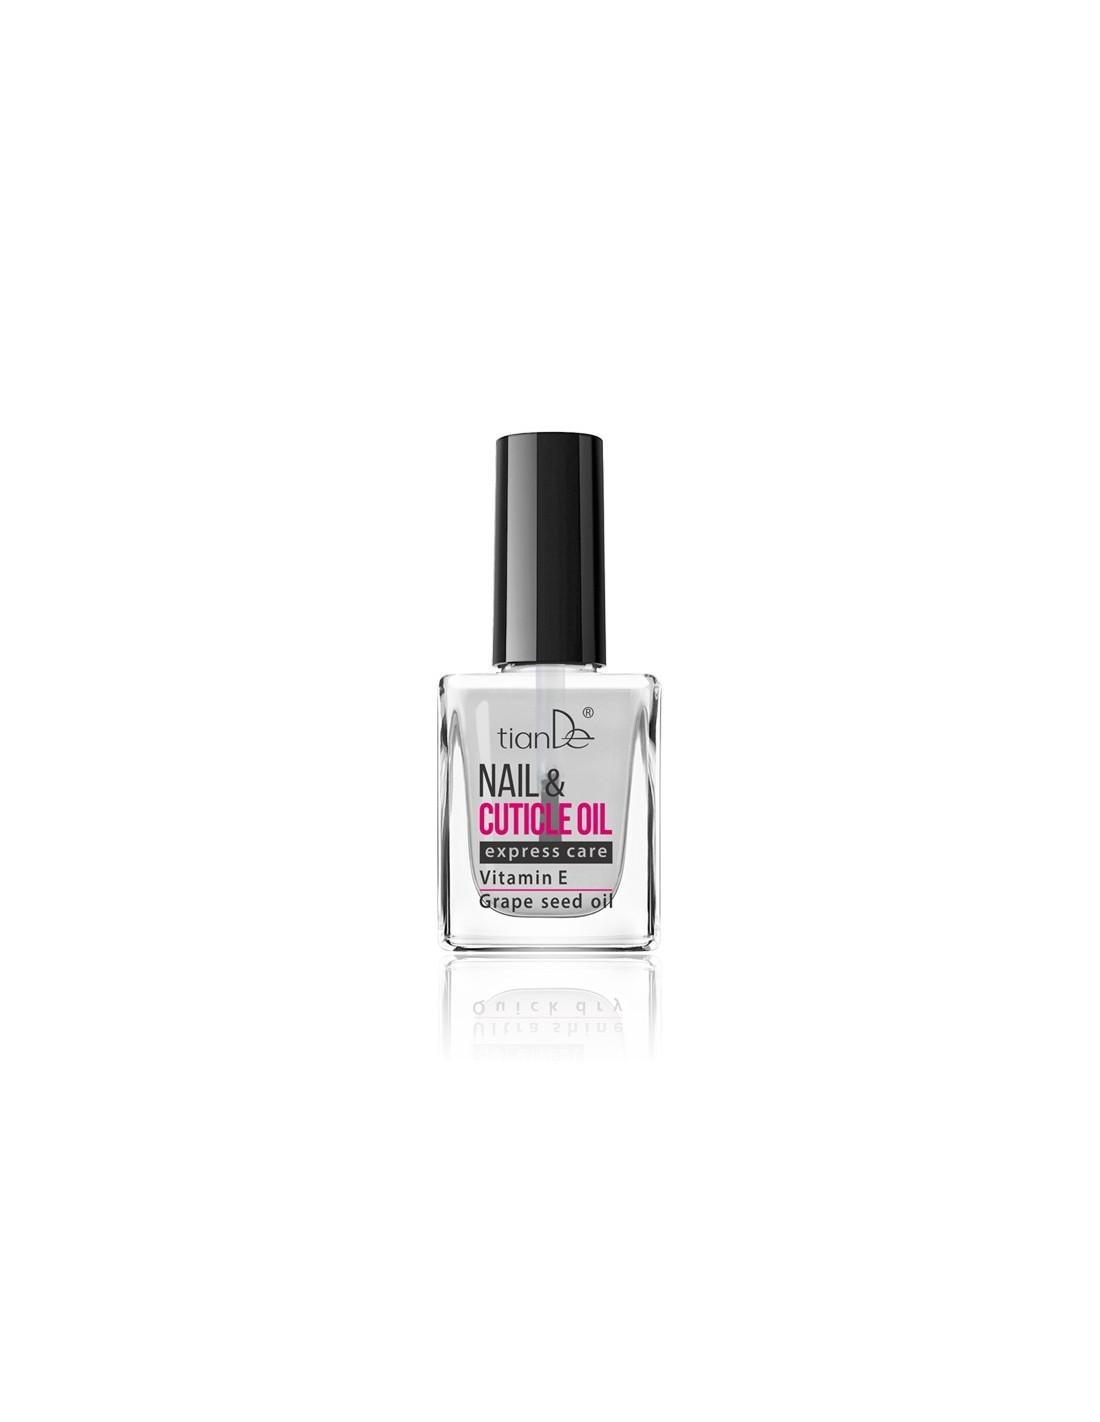 Nail & Cuticle Oil, 10mil - Tibetan Cosmetics Ltd